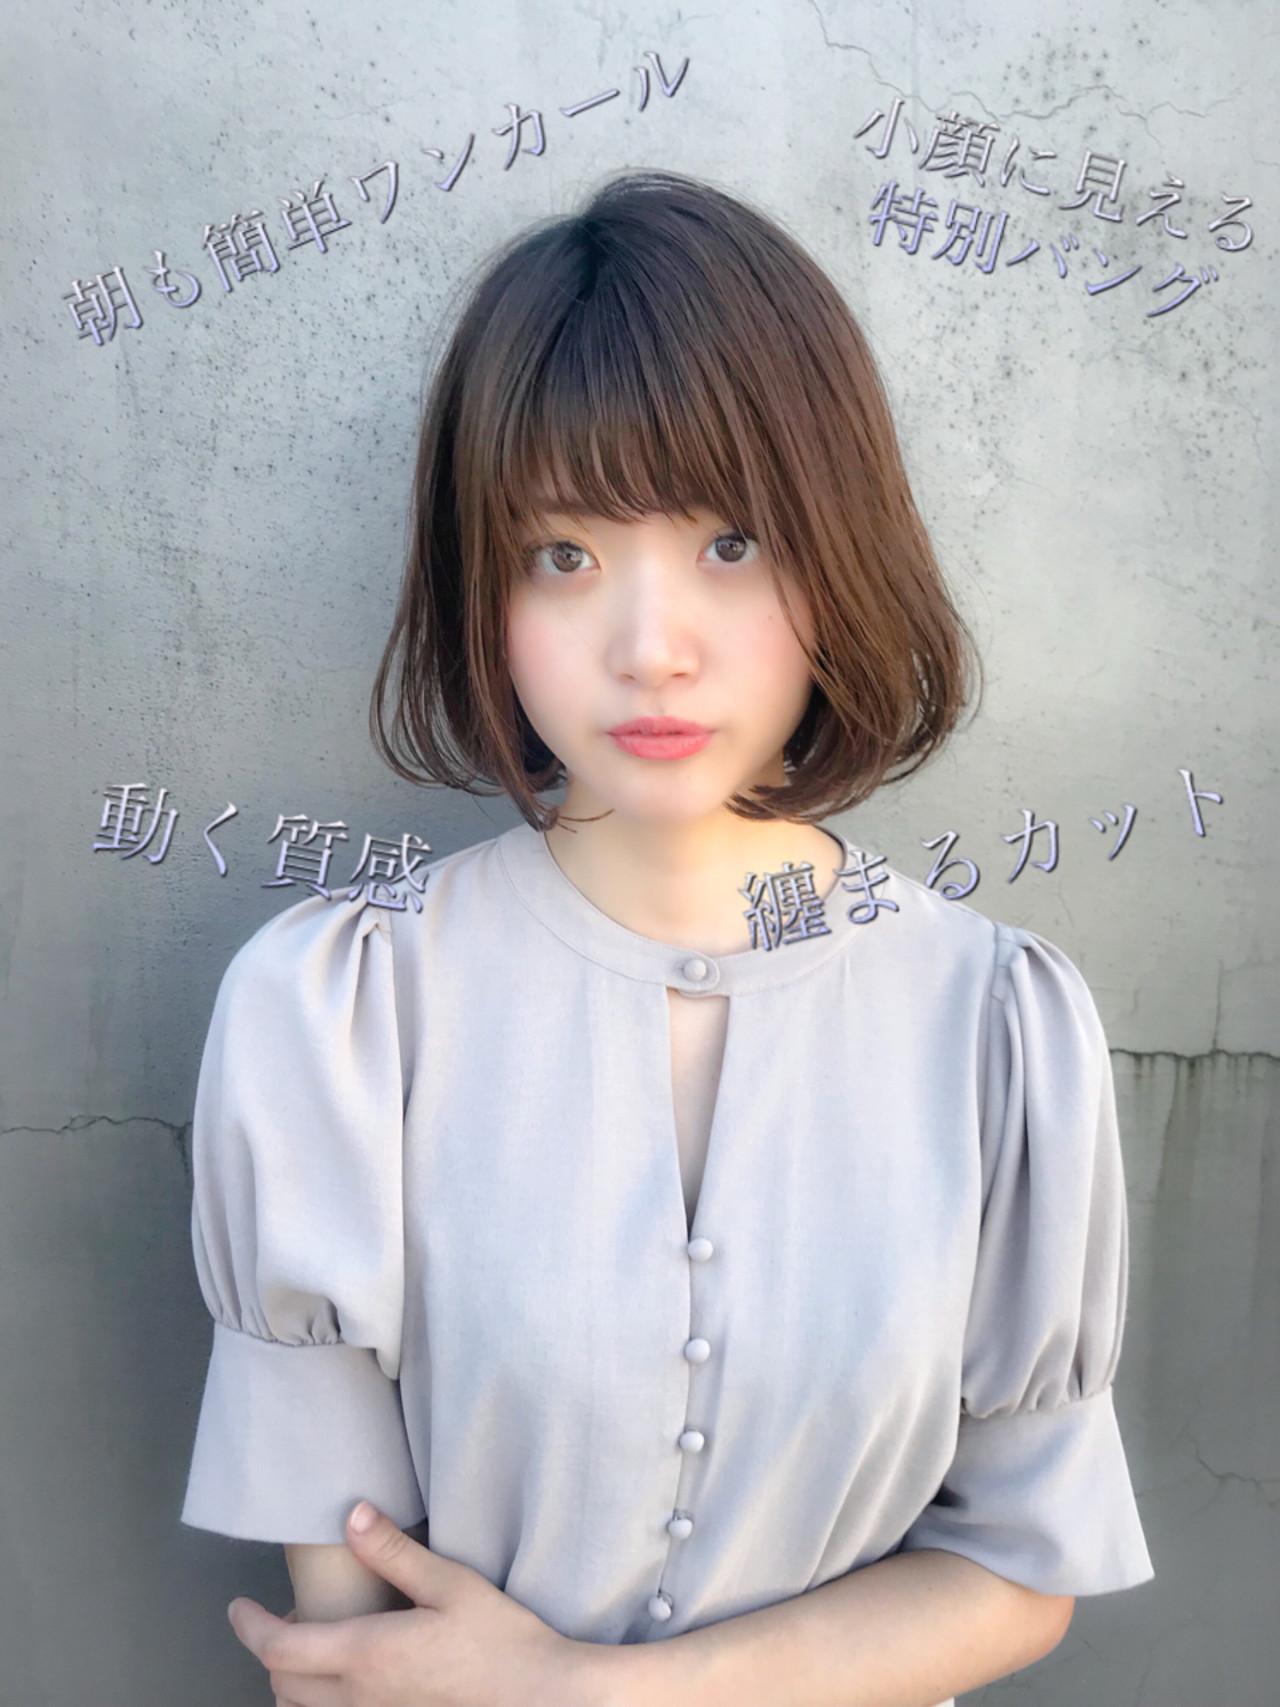 面長さんの前髪あり大人かわいいヘアスタイル MANOHARU 新屋敷